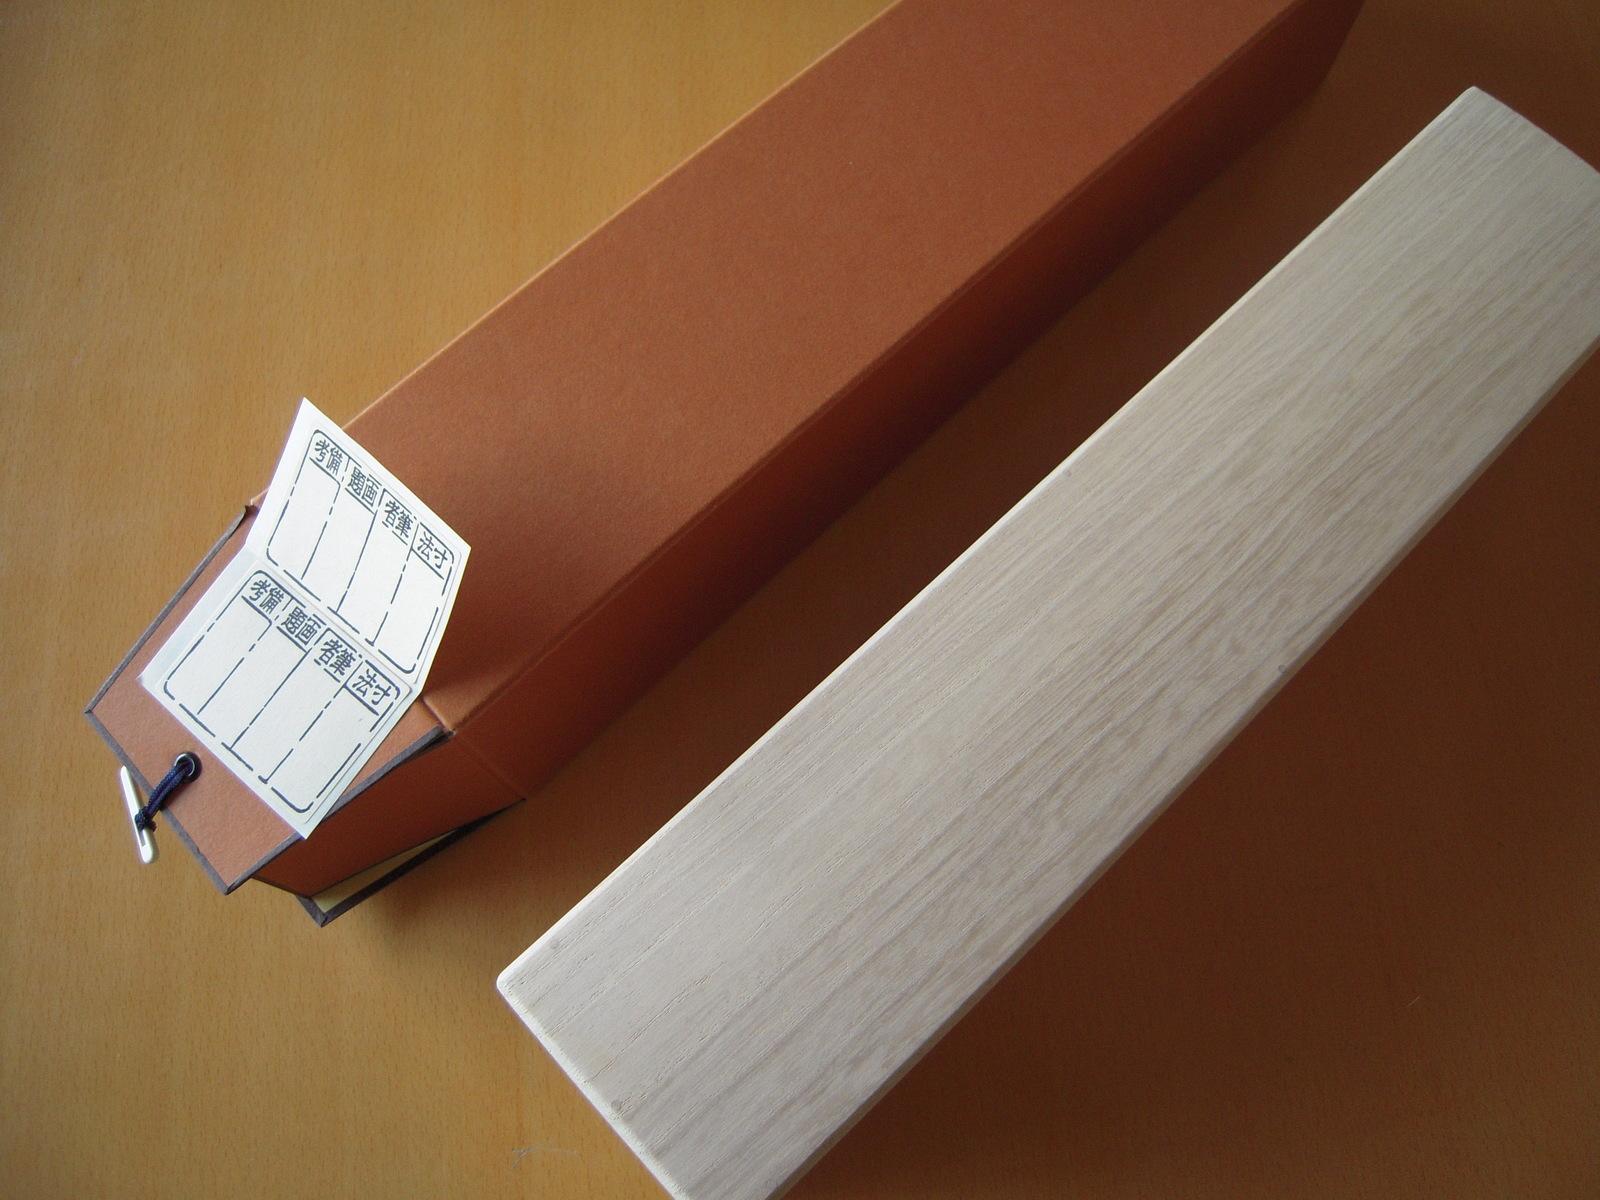 掛け軸箱 2尺5寸5分 D 772 W 60 H 65 255 単品 国産 伝統工芸 虫除け シール 高い素材 賞状 インテリア 軸箱 タトウ紙 桐製 評判 手作り 収納